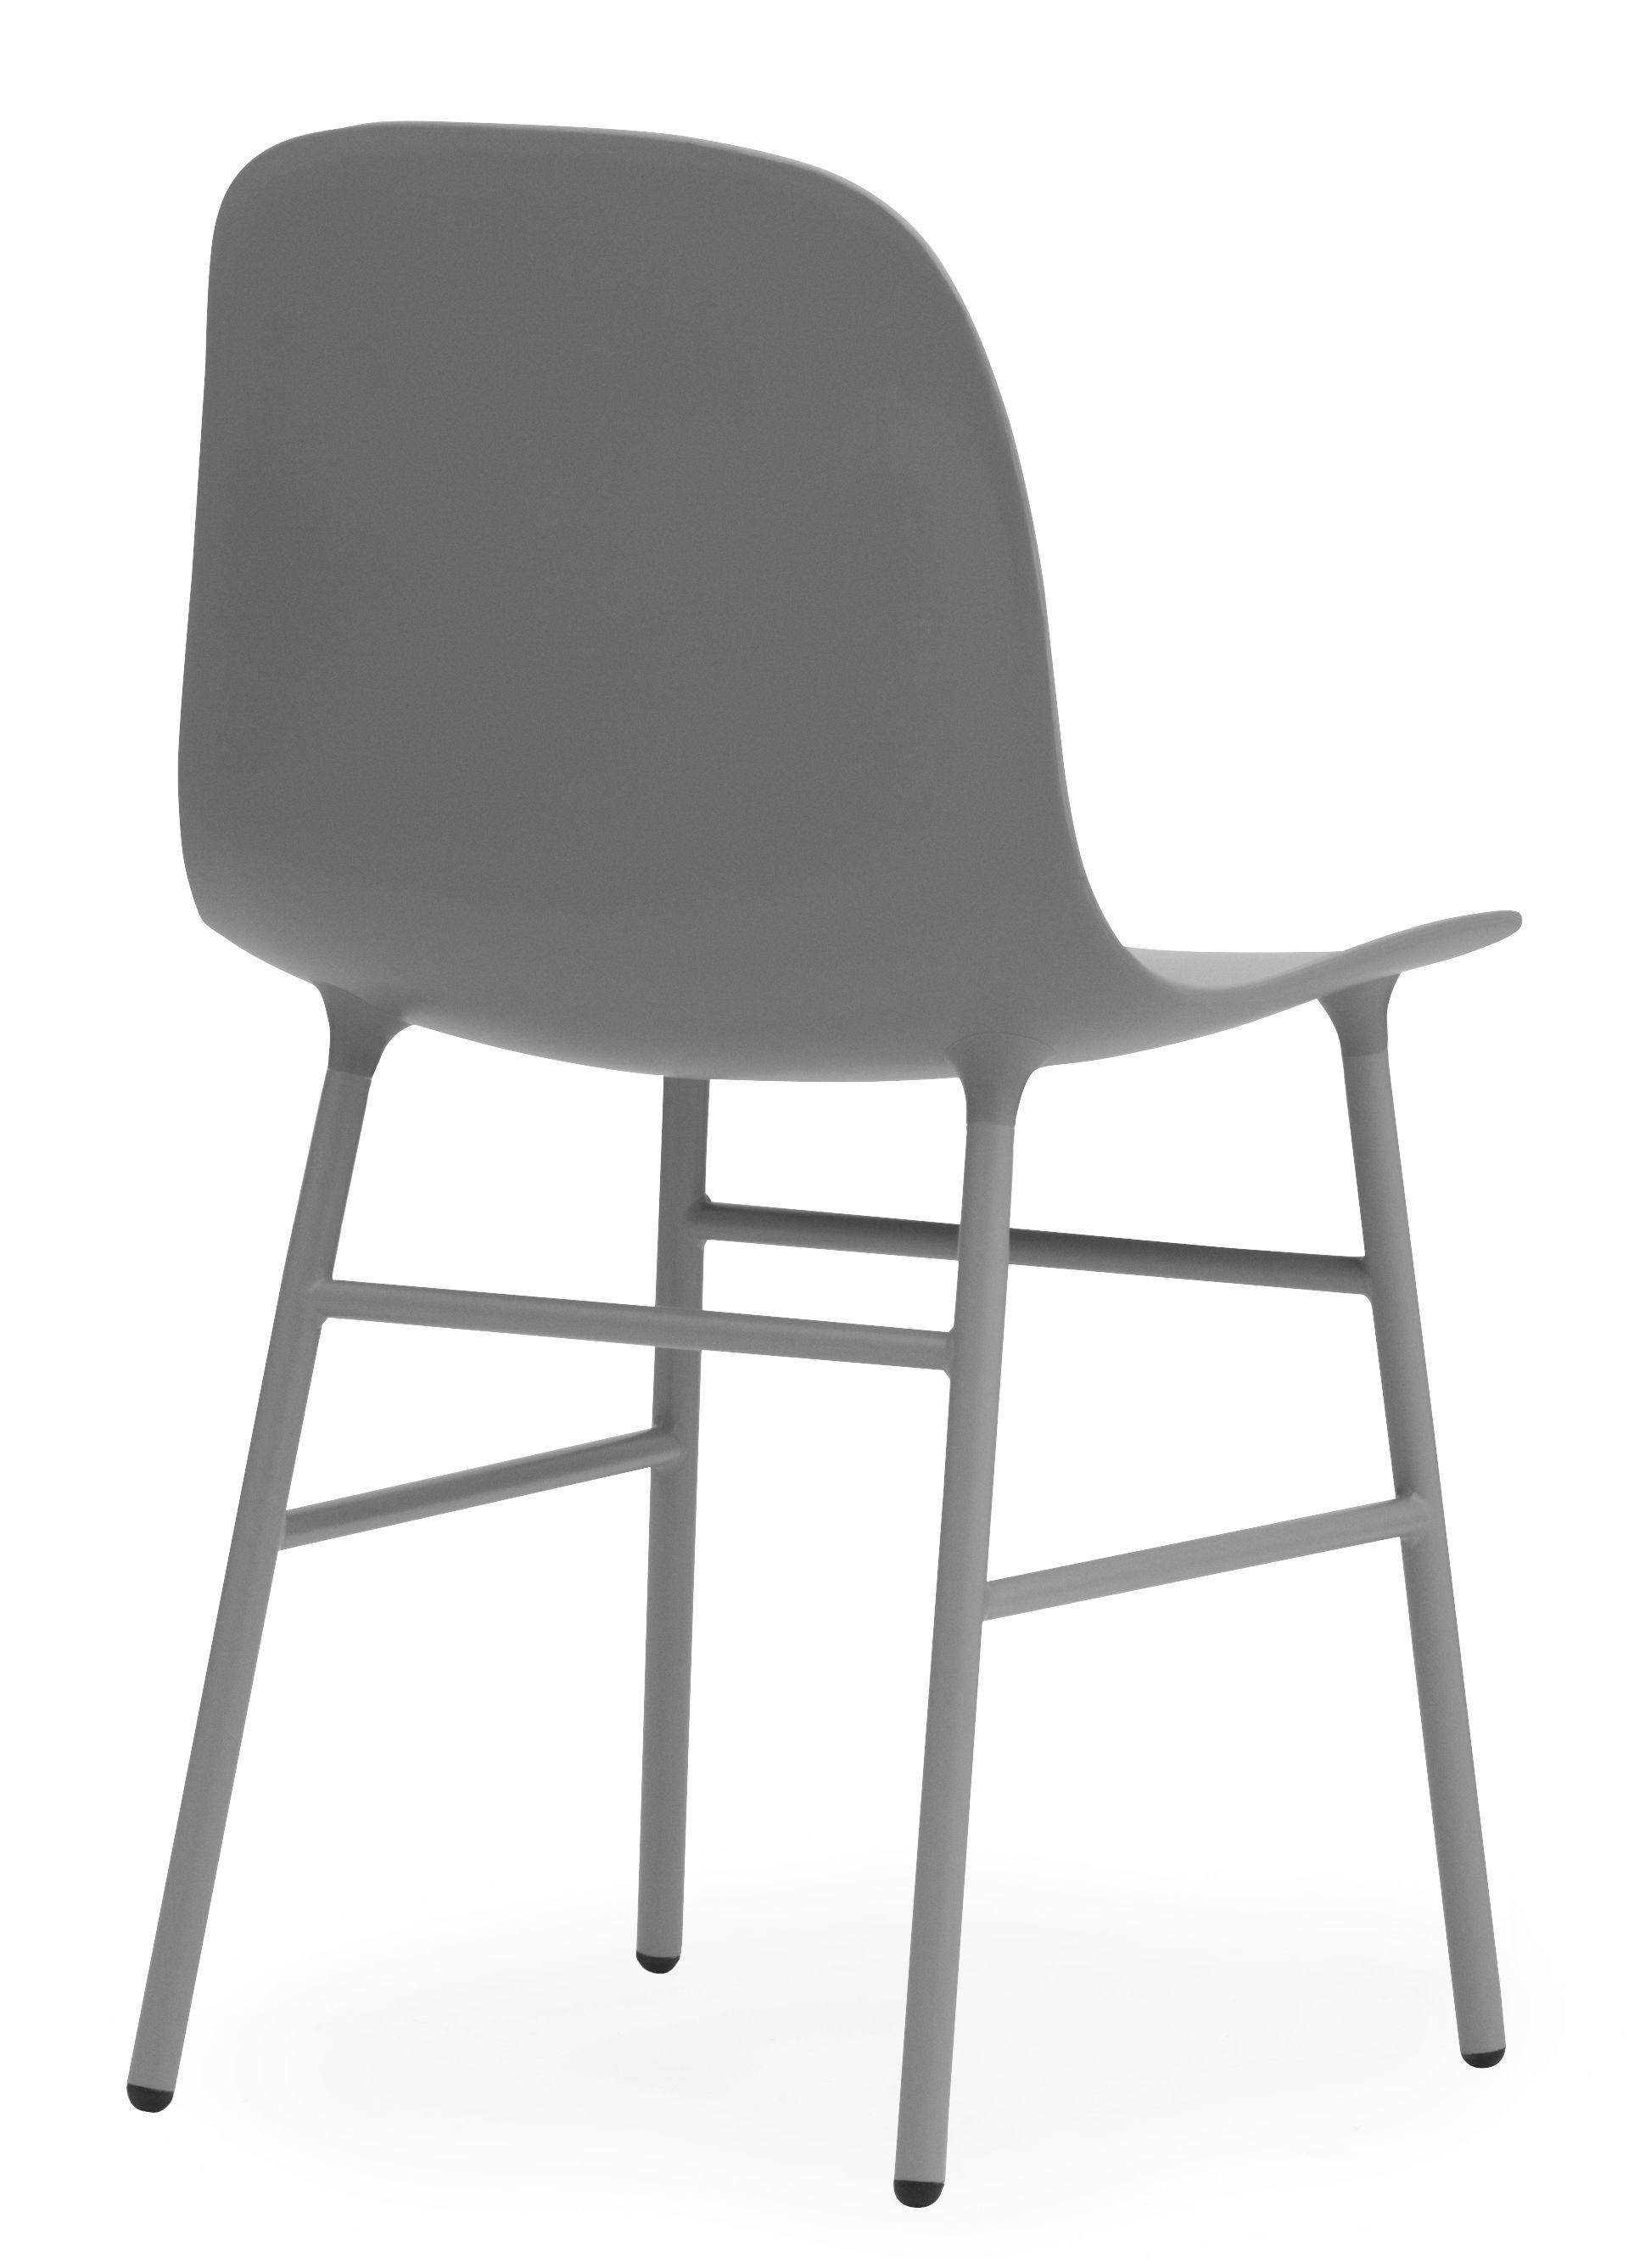 Chaise form pied m tal gris normann copenhagen - Chaise pied metal ...